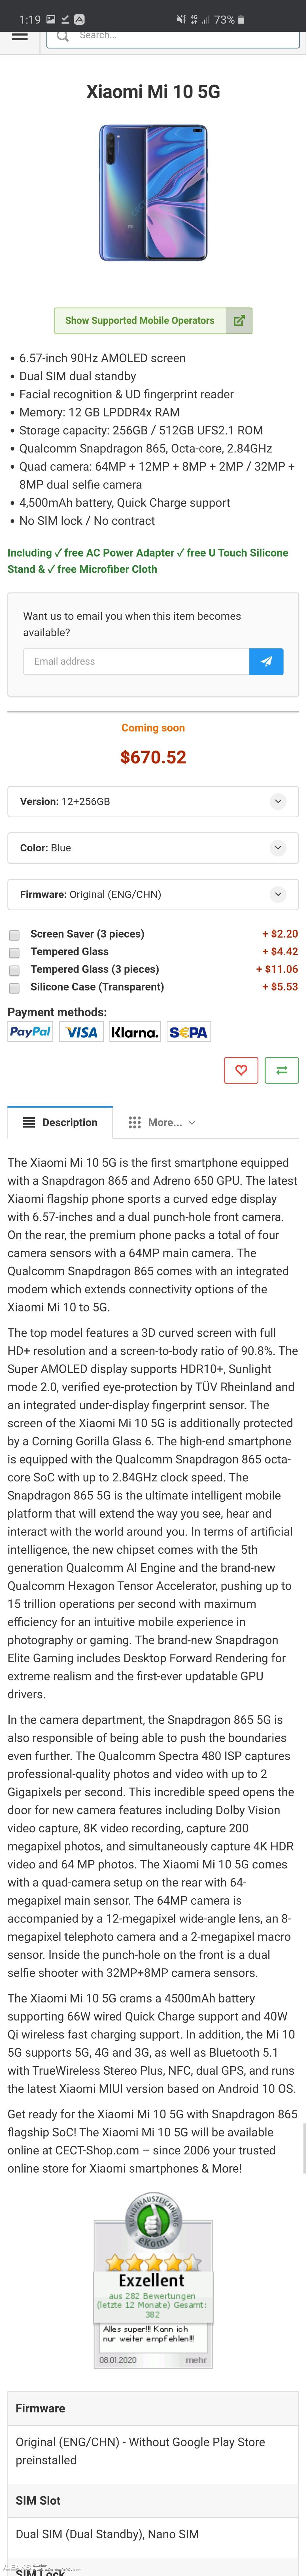 img Xiaomi Mi 10 Full Specs